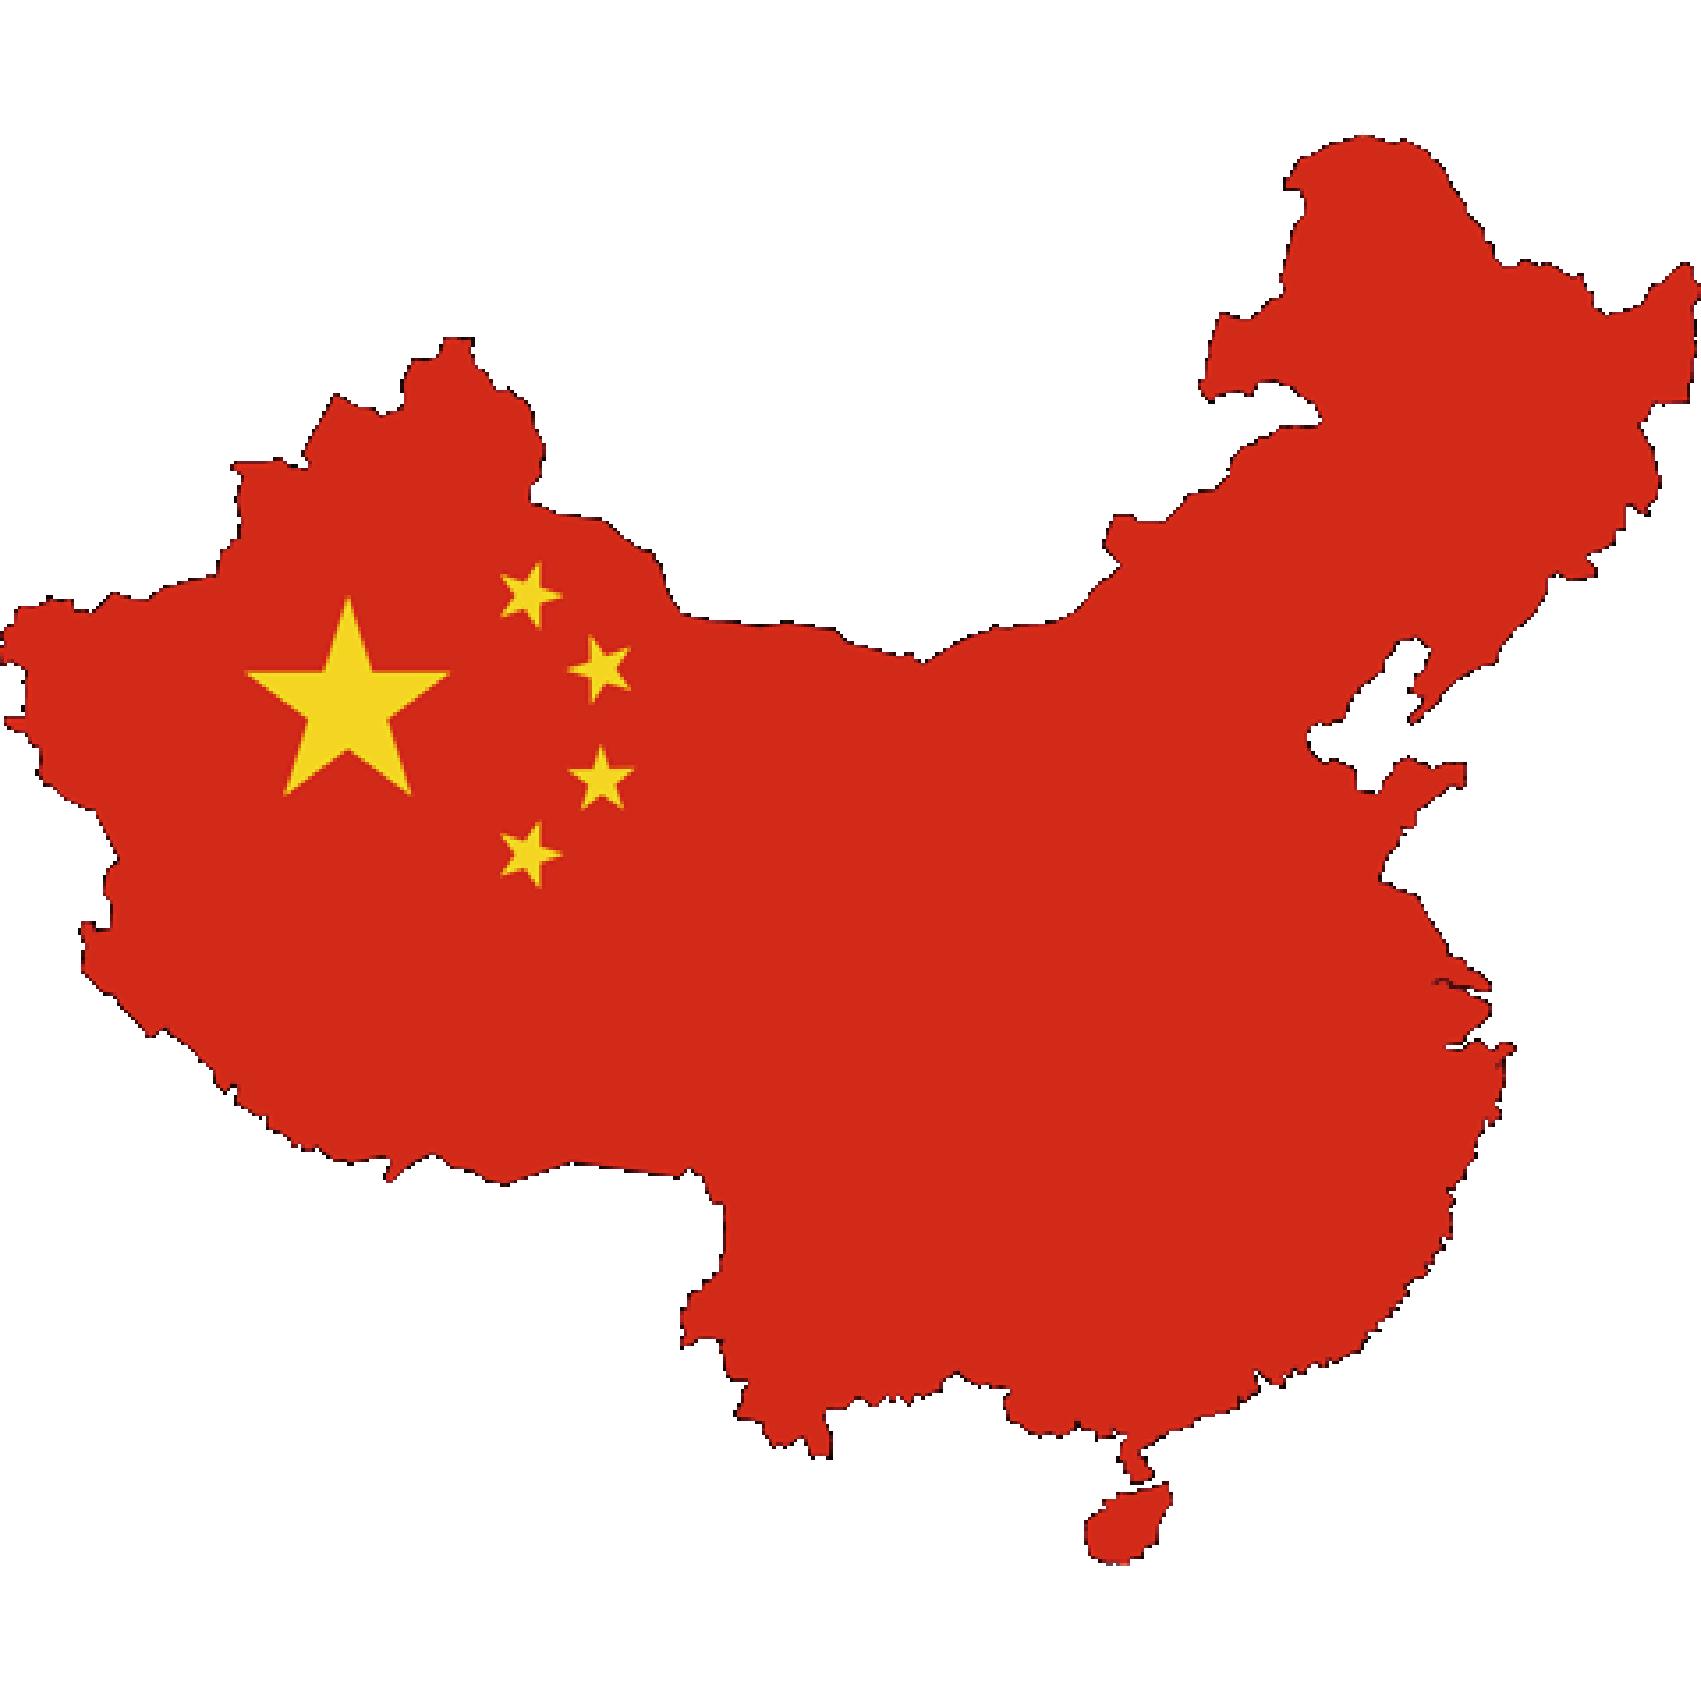 Flag of China, the partner of barskorea.